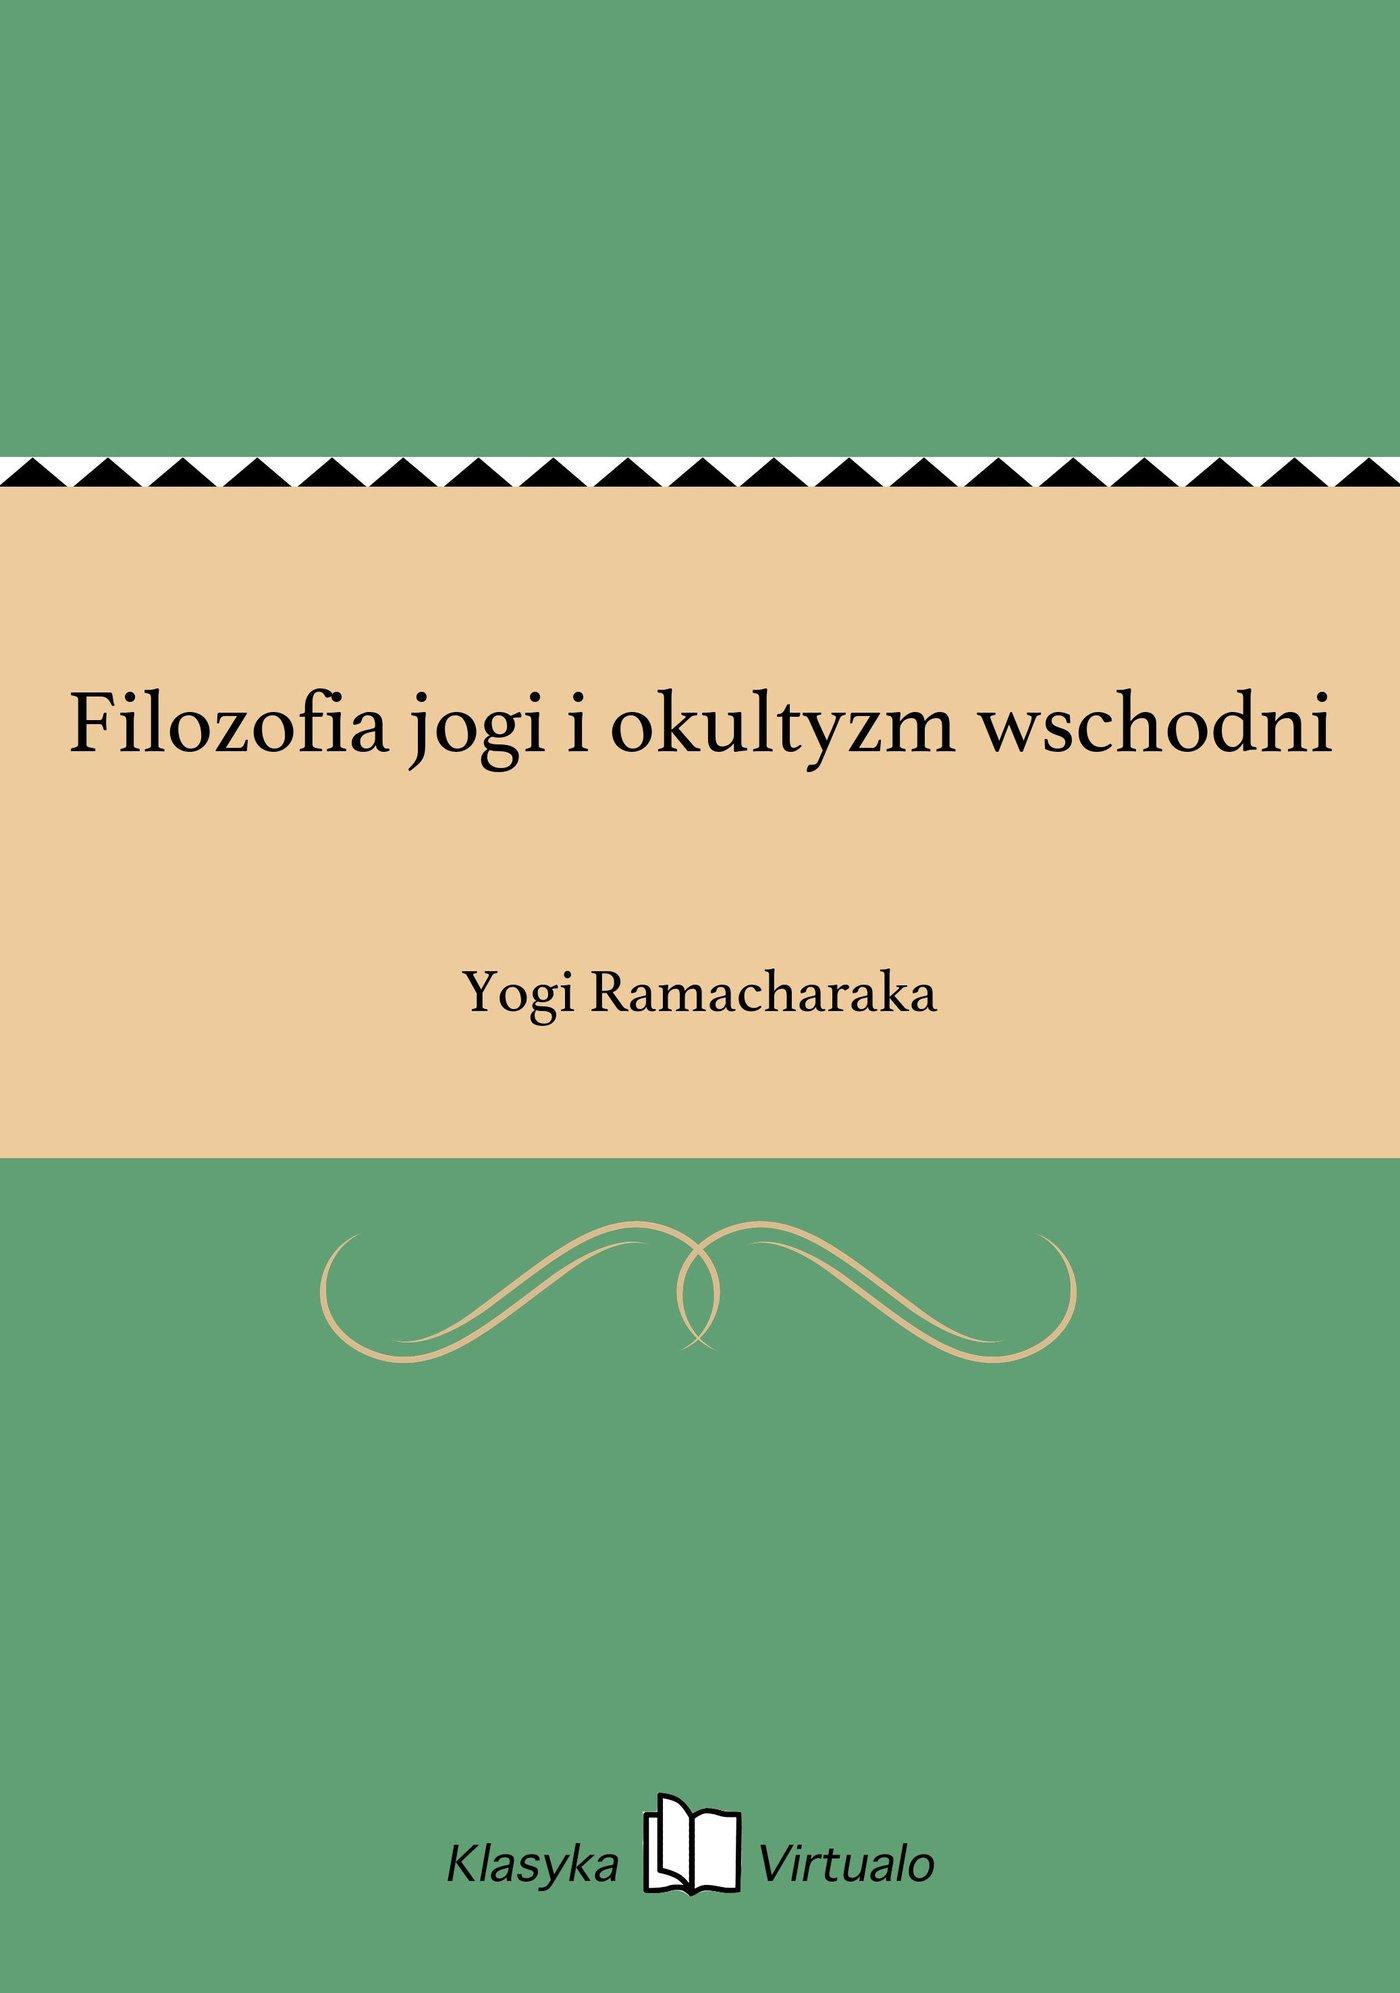 Filozofia jogi i okultyzm wschodni - Ebook (Książka EPUB) do pobrania w formacie EPUB